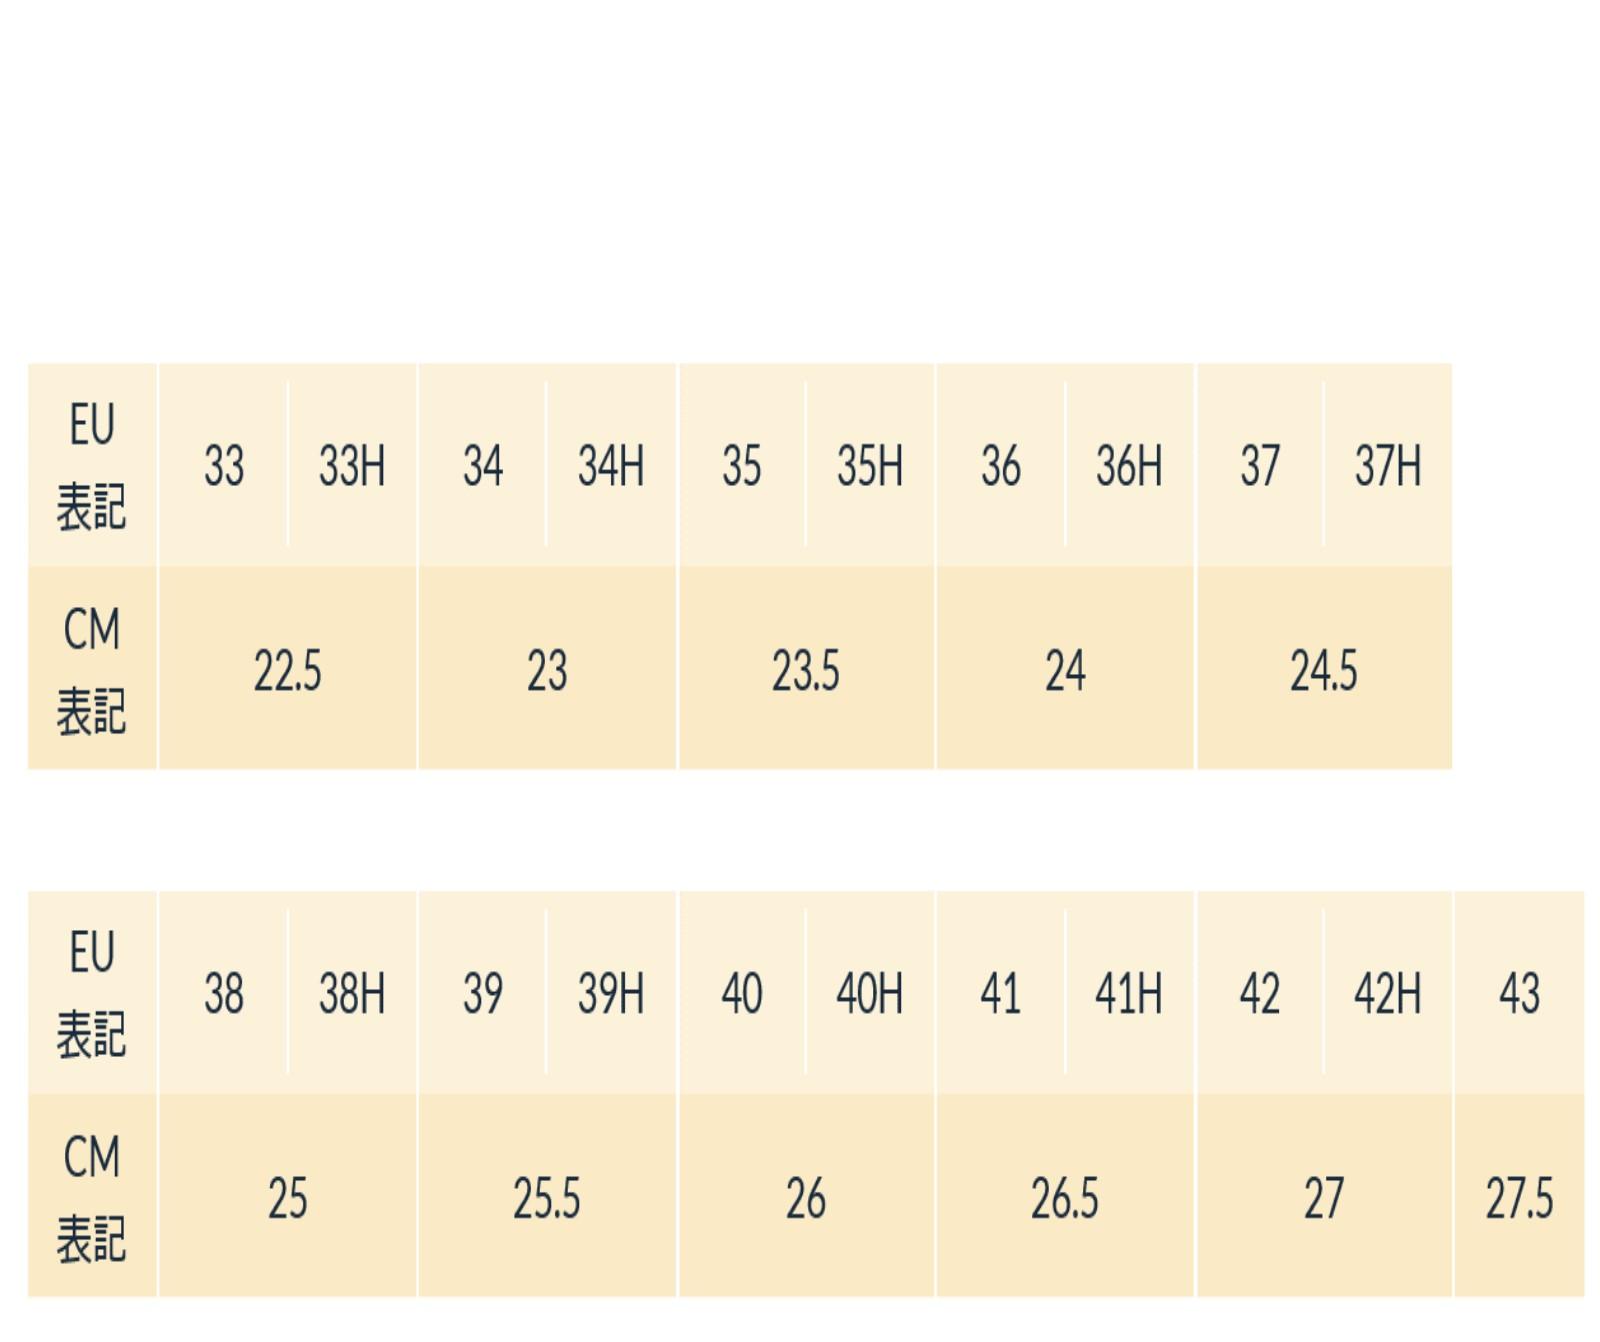 ラ・スポルティバ アラゴン クレイ/ジャスミングリーン 【店頭受取ポイントUP商品】ポイント700Pプレゼント